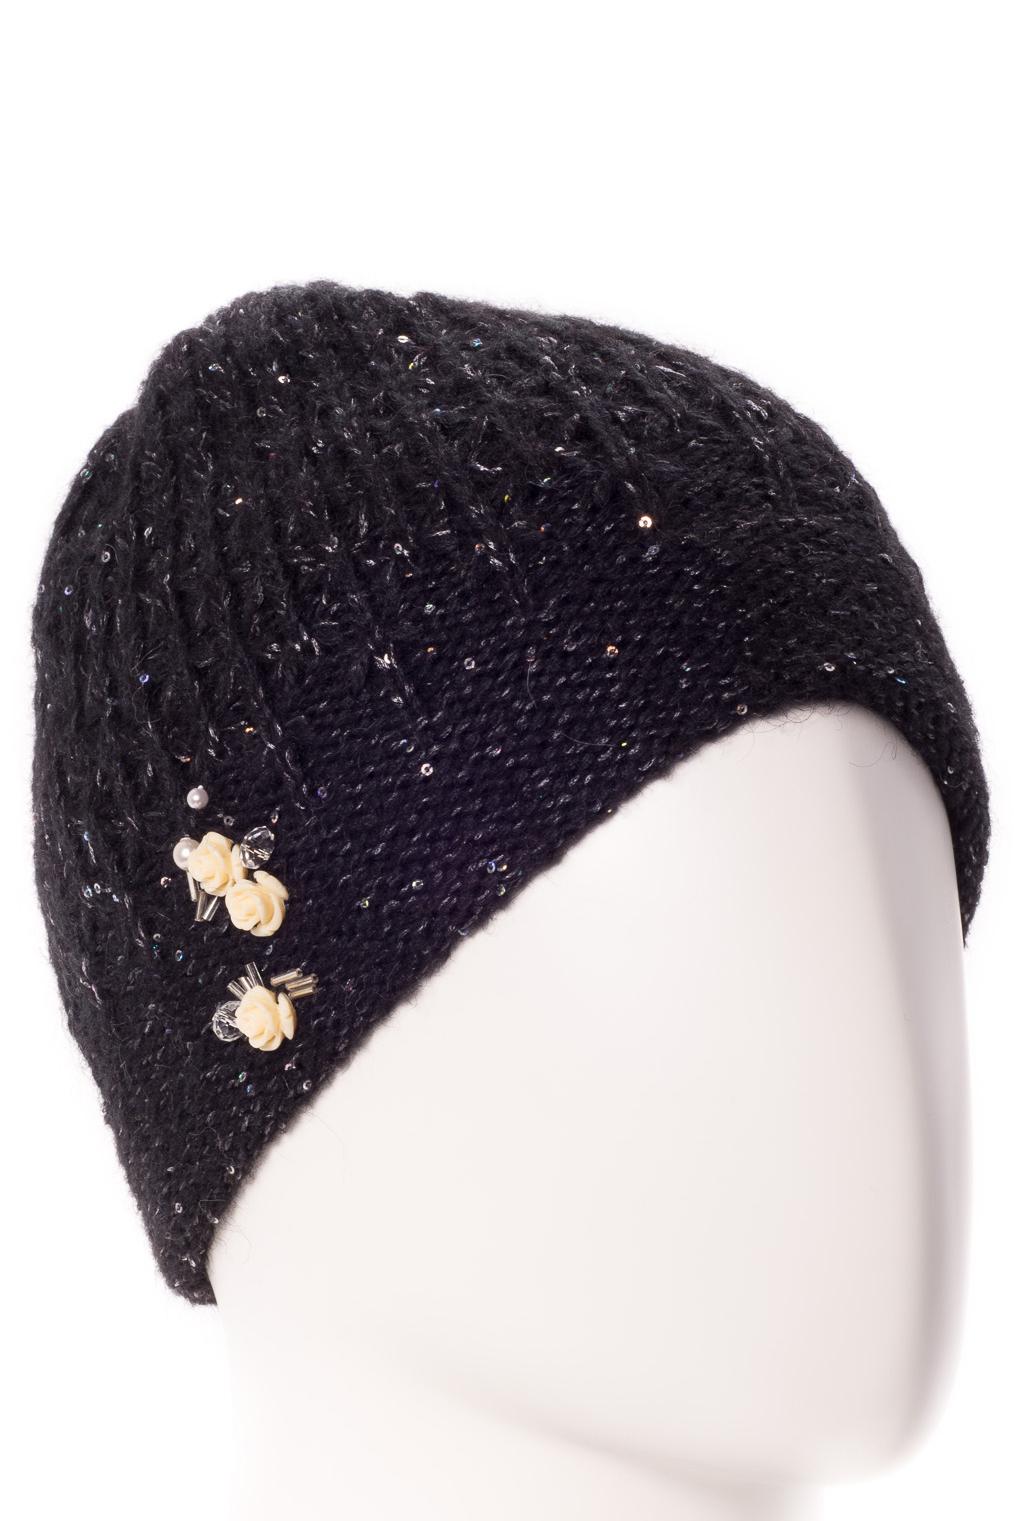 ШапкаШапки<br>Стильная шапка защитит Вас от непогоды и станет прекрасным дополнением Вашего образа.  В изделии использованы цвета: черный<br><br>По материалу: Вязаные,Трикотаж<br>По рисунку: Однотонные<br>По элементам: С декором<br>По сезону: Зима<br>Размер : universal<br>Материал: Вязаное полотно<br>Количество в наличии: 1